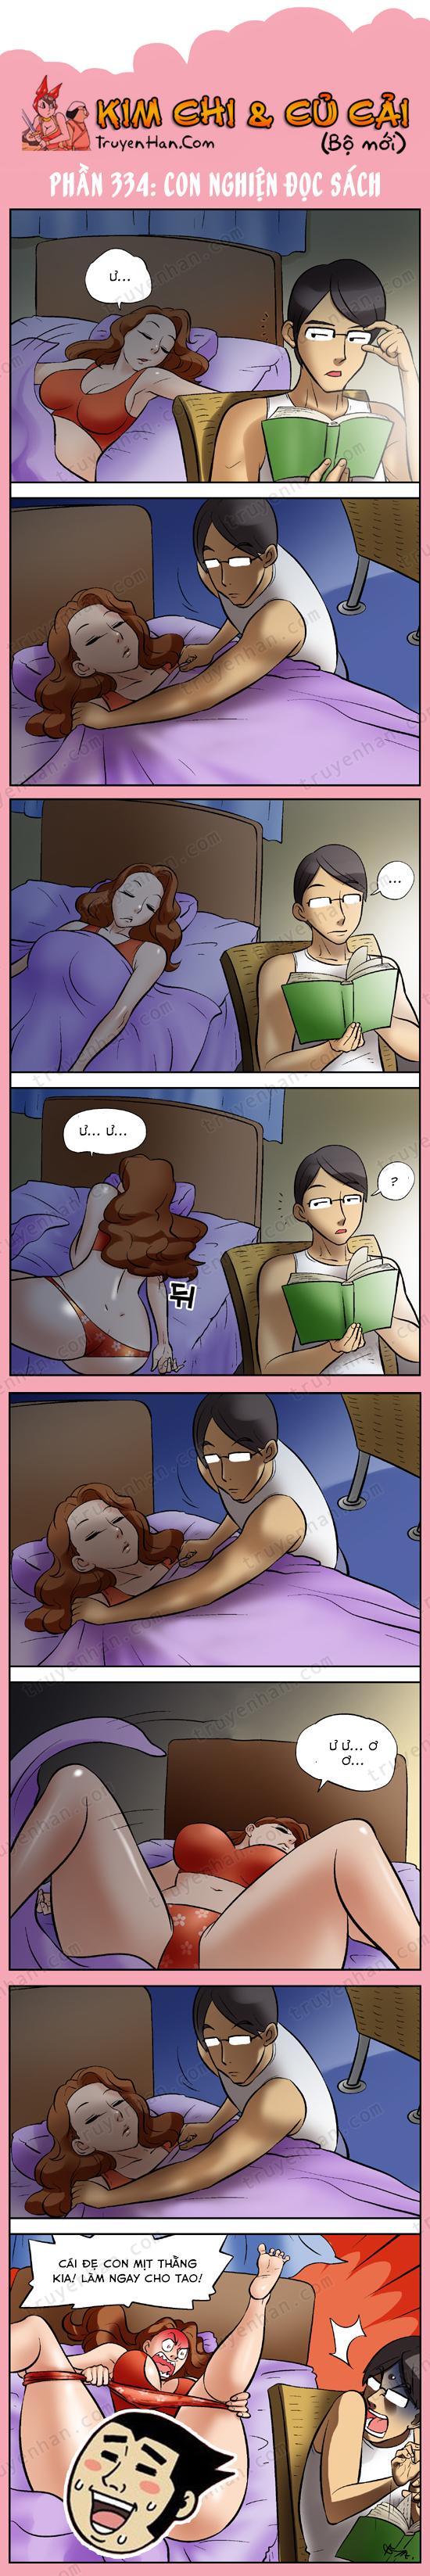 Kim Chi Và Củ Cải phần 334: Con nghiện đọc sách